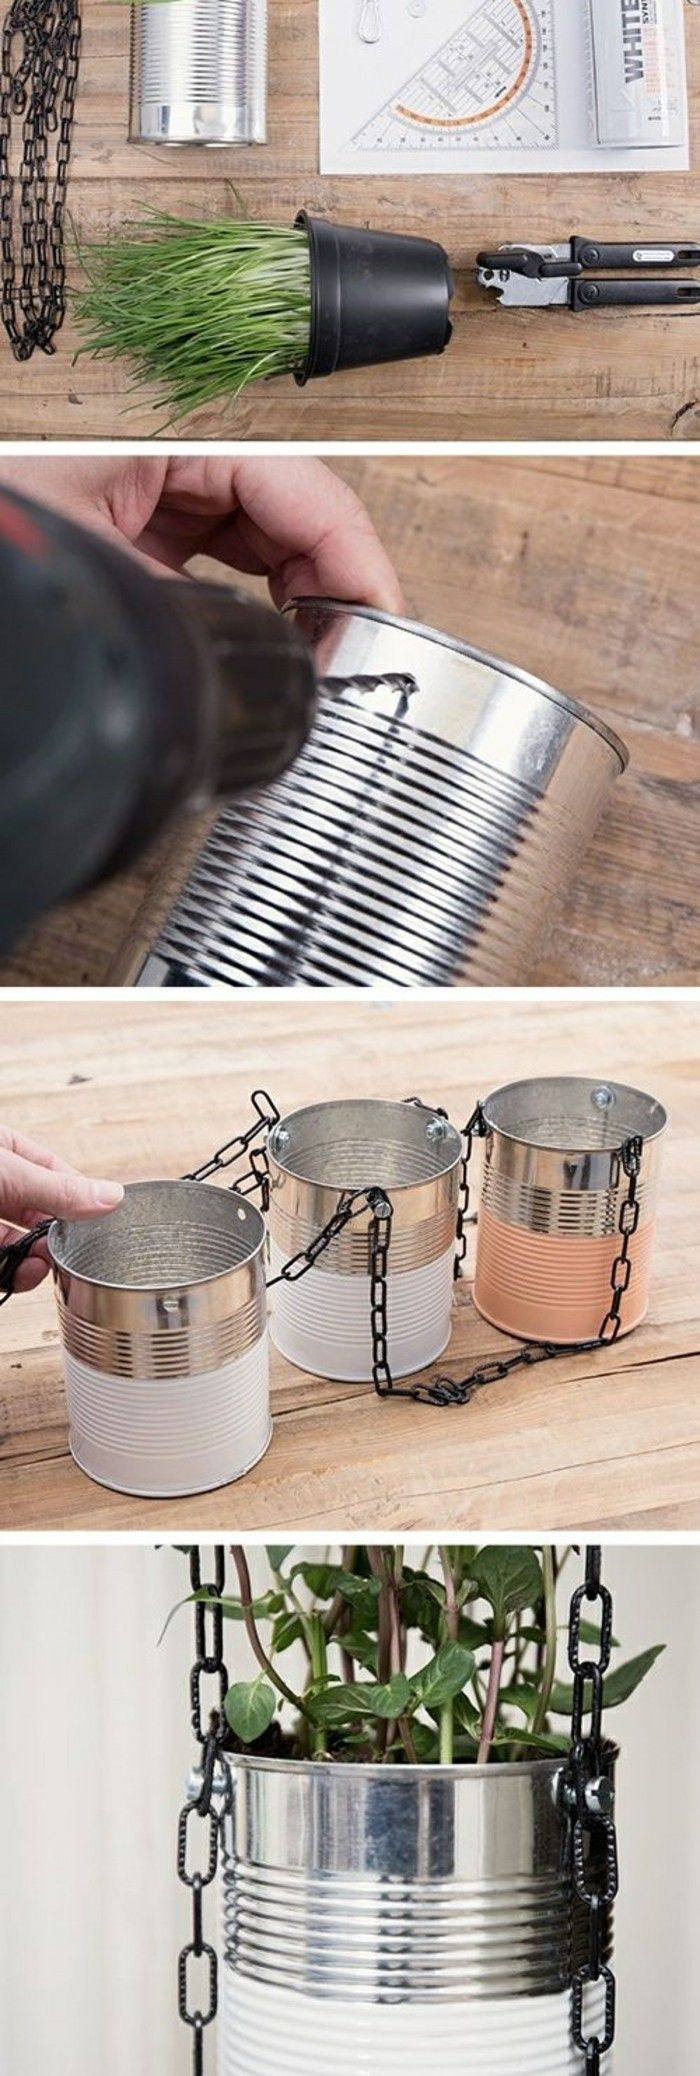 Basteln mit Konservendosen: 61 tolle Ideen dafür!